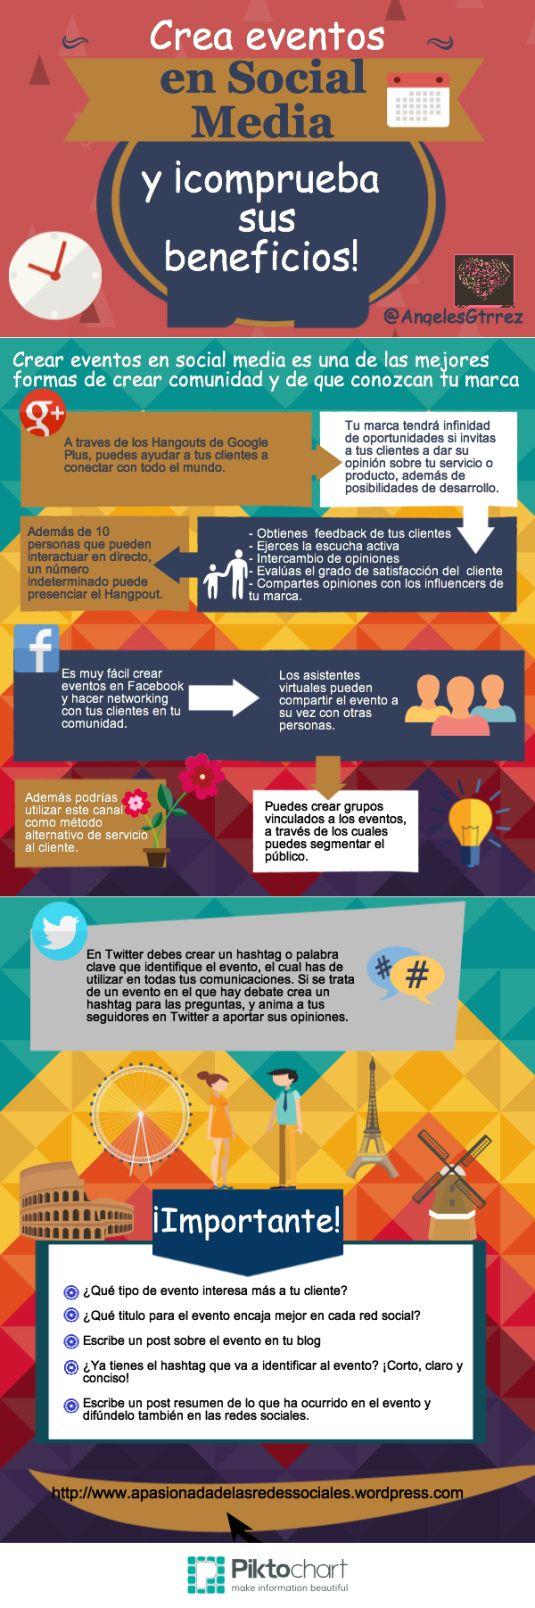 Crea eventos en social media y comprueba sus beneficios